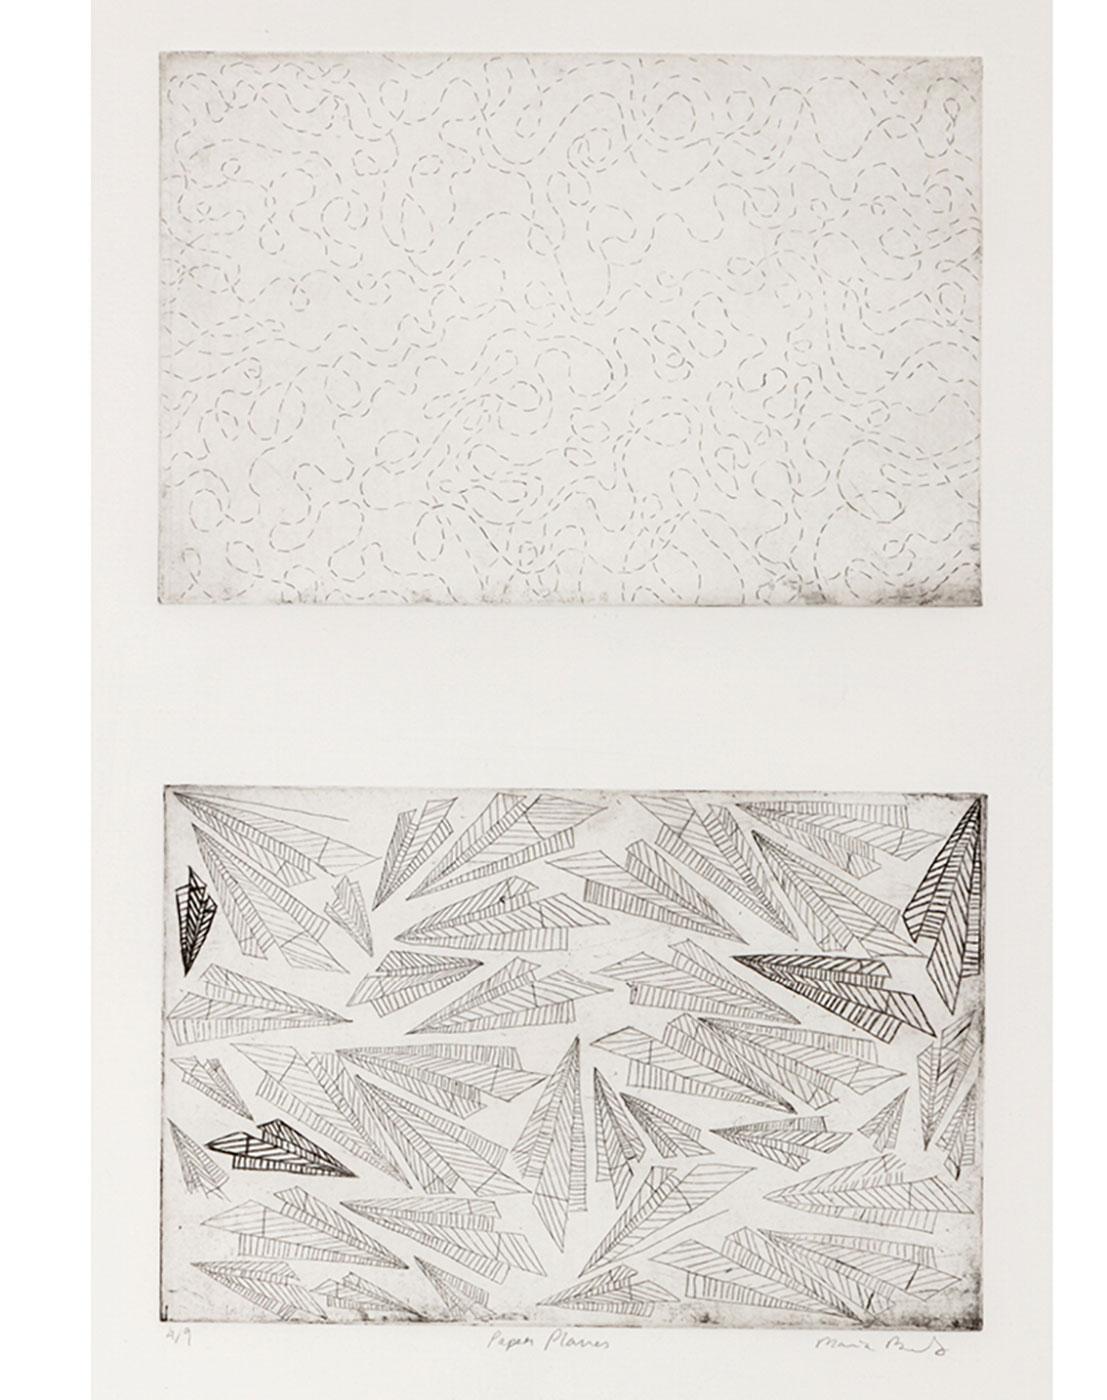 Maria Barrientos - Paper Planes